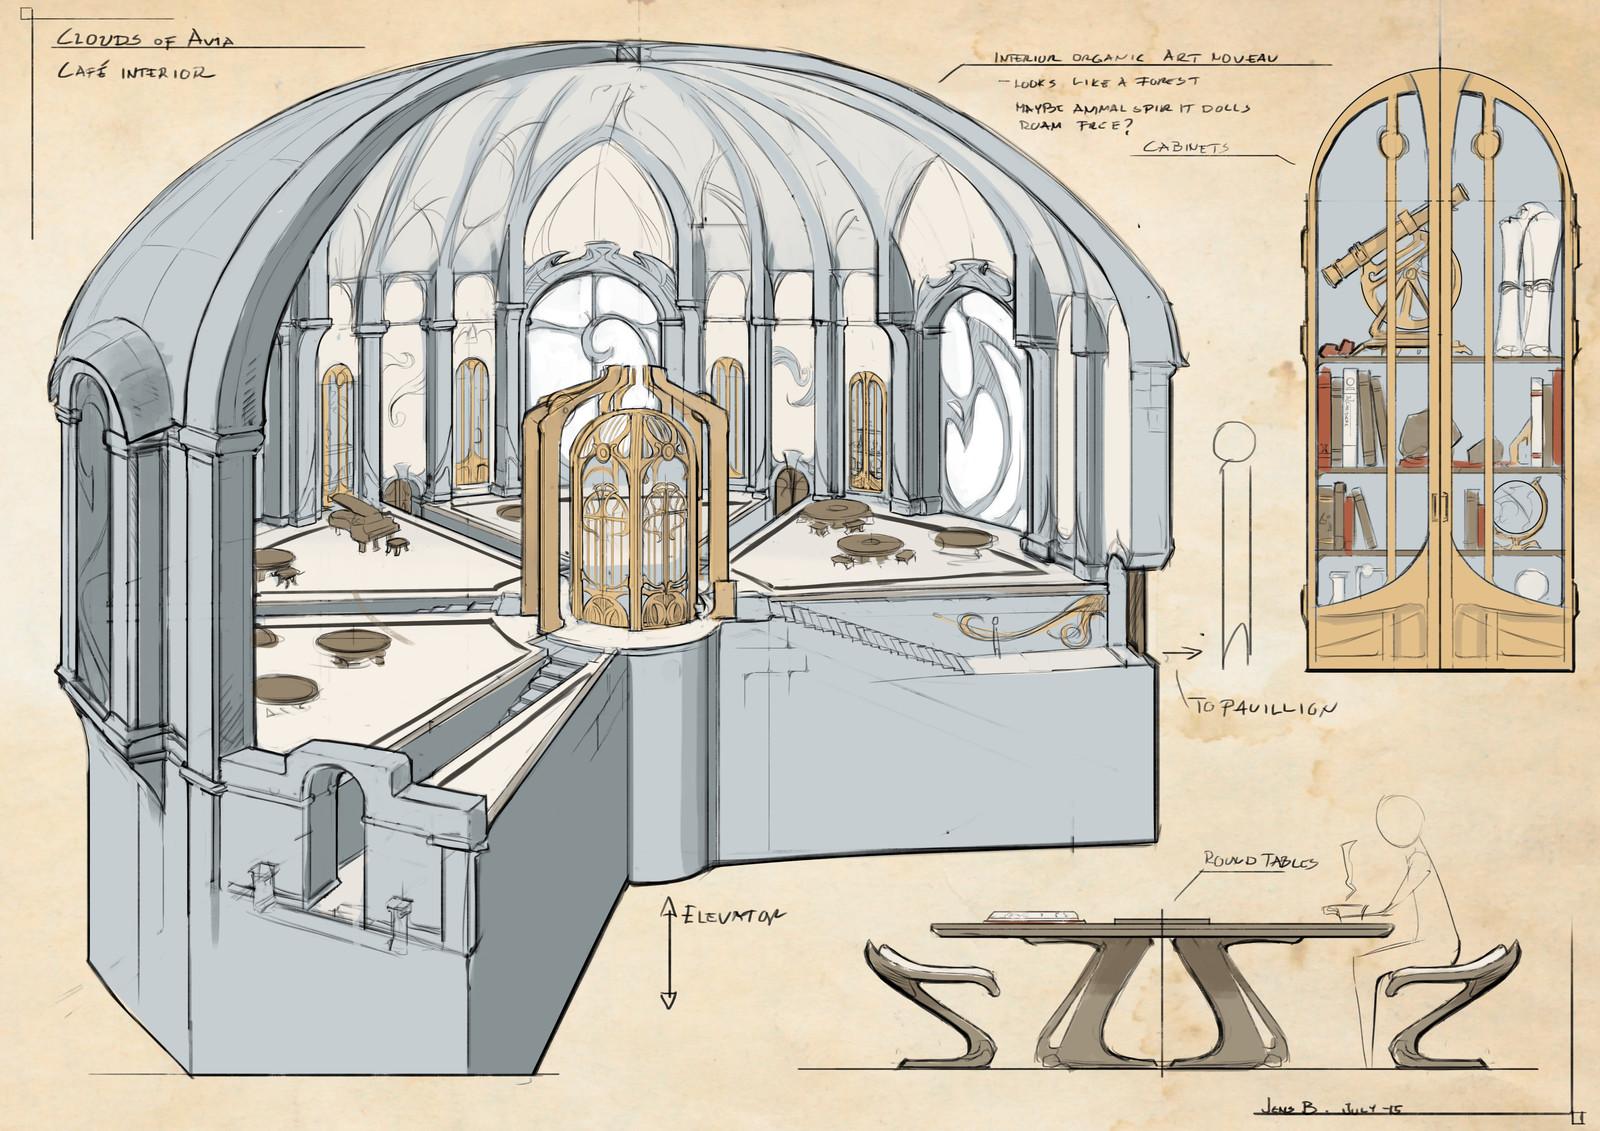 Exploration and development of the Café interior.